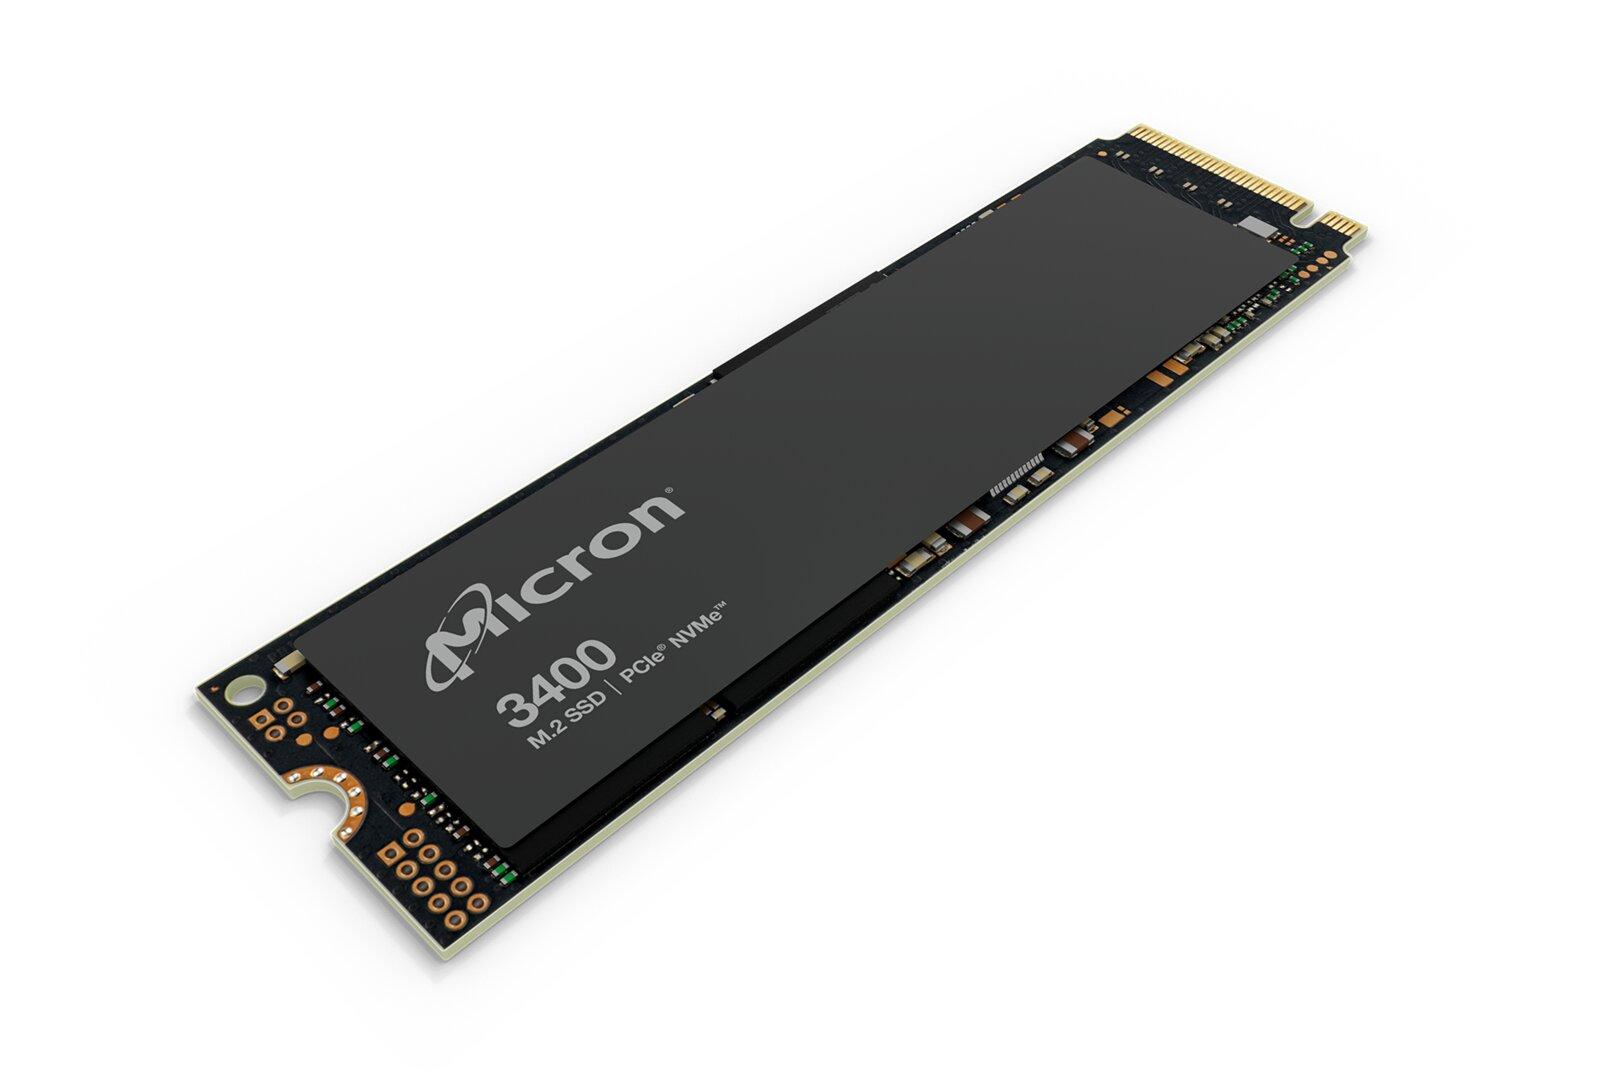 Micron 3400 M.2 SSD